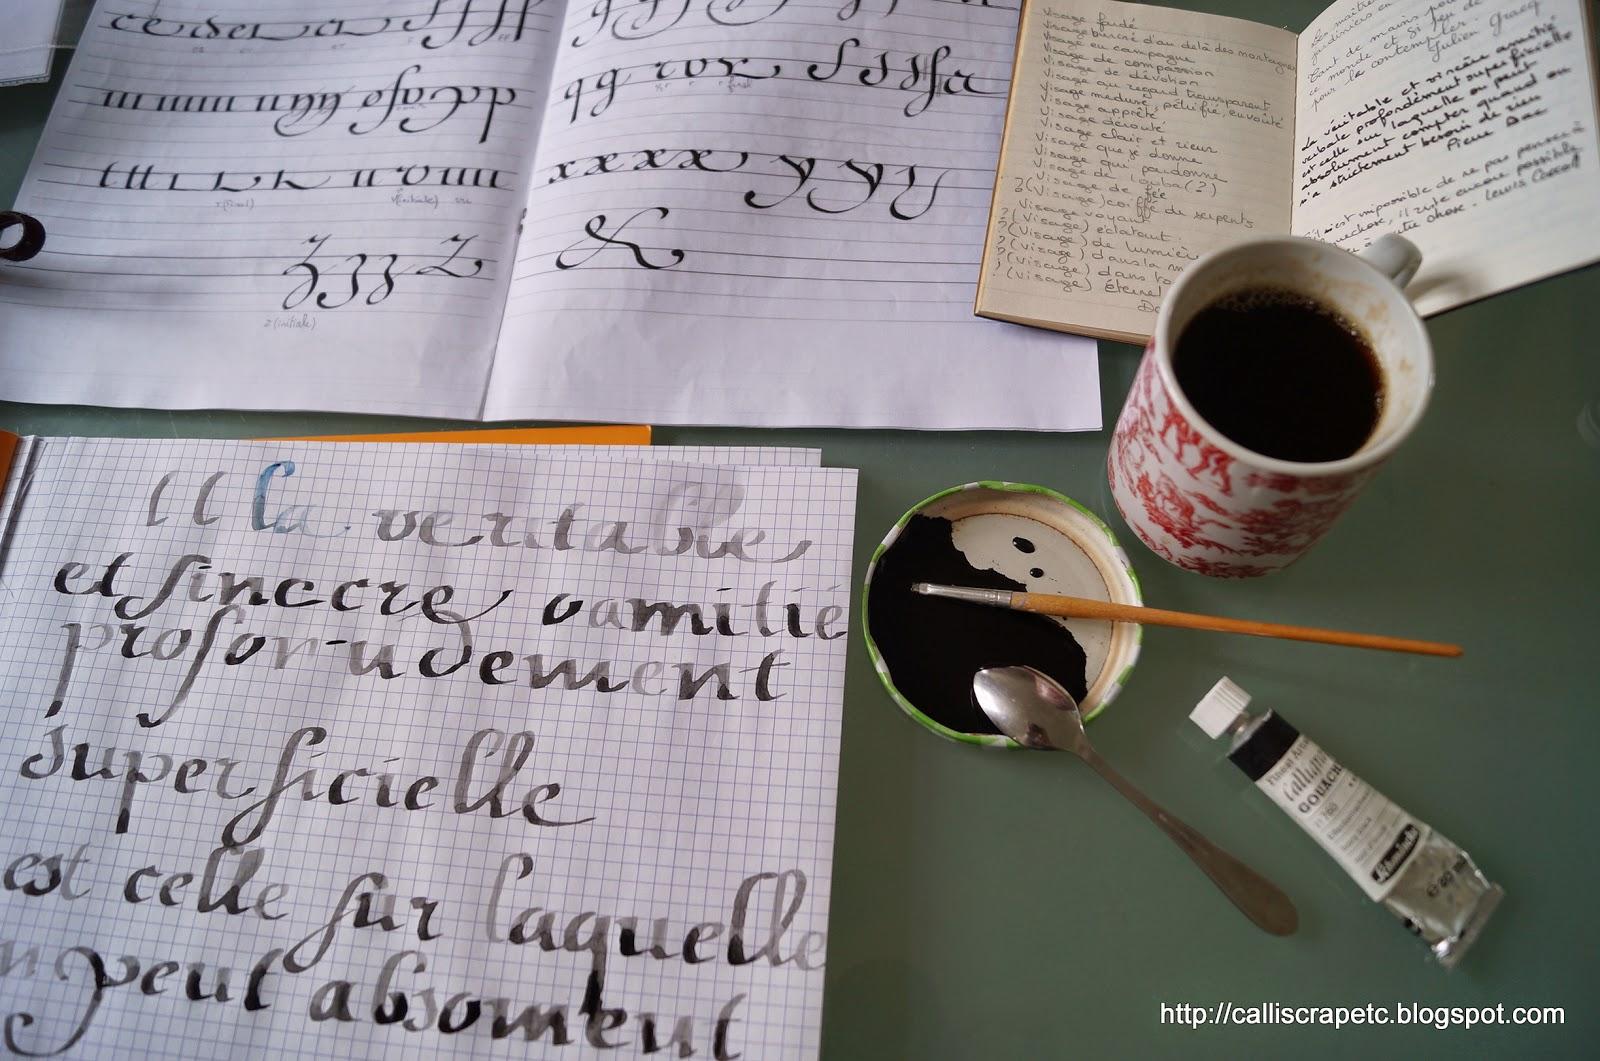 Calligraphie Latine Tatouage - CALLIGRAPHIE LATINE POUR TATOUAGE Galerie Creation